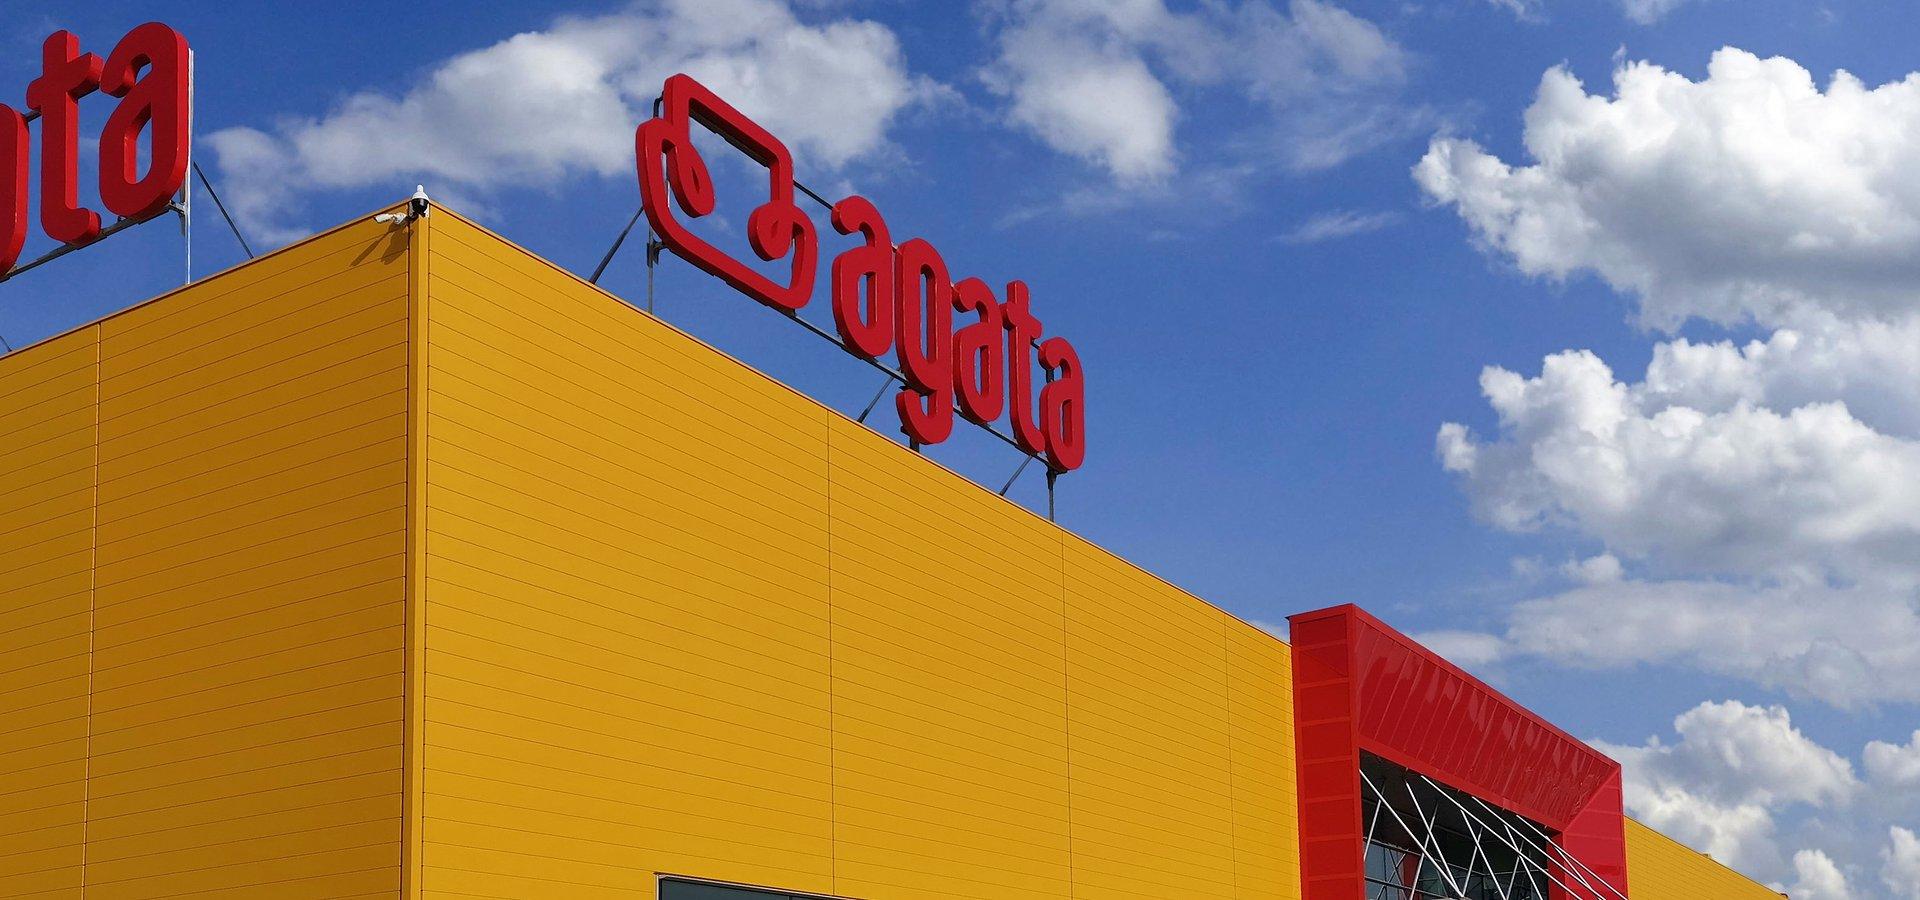 Salony Agata umożliwiają różne opcje zrobienia zakupów podczas lockdownu